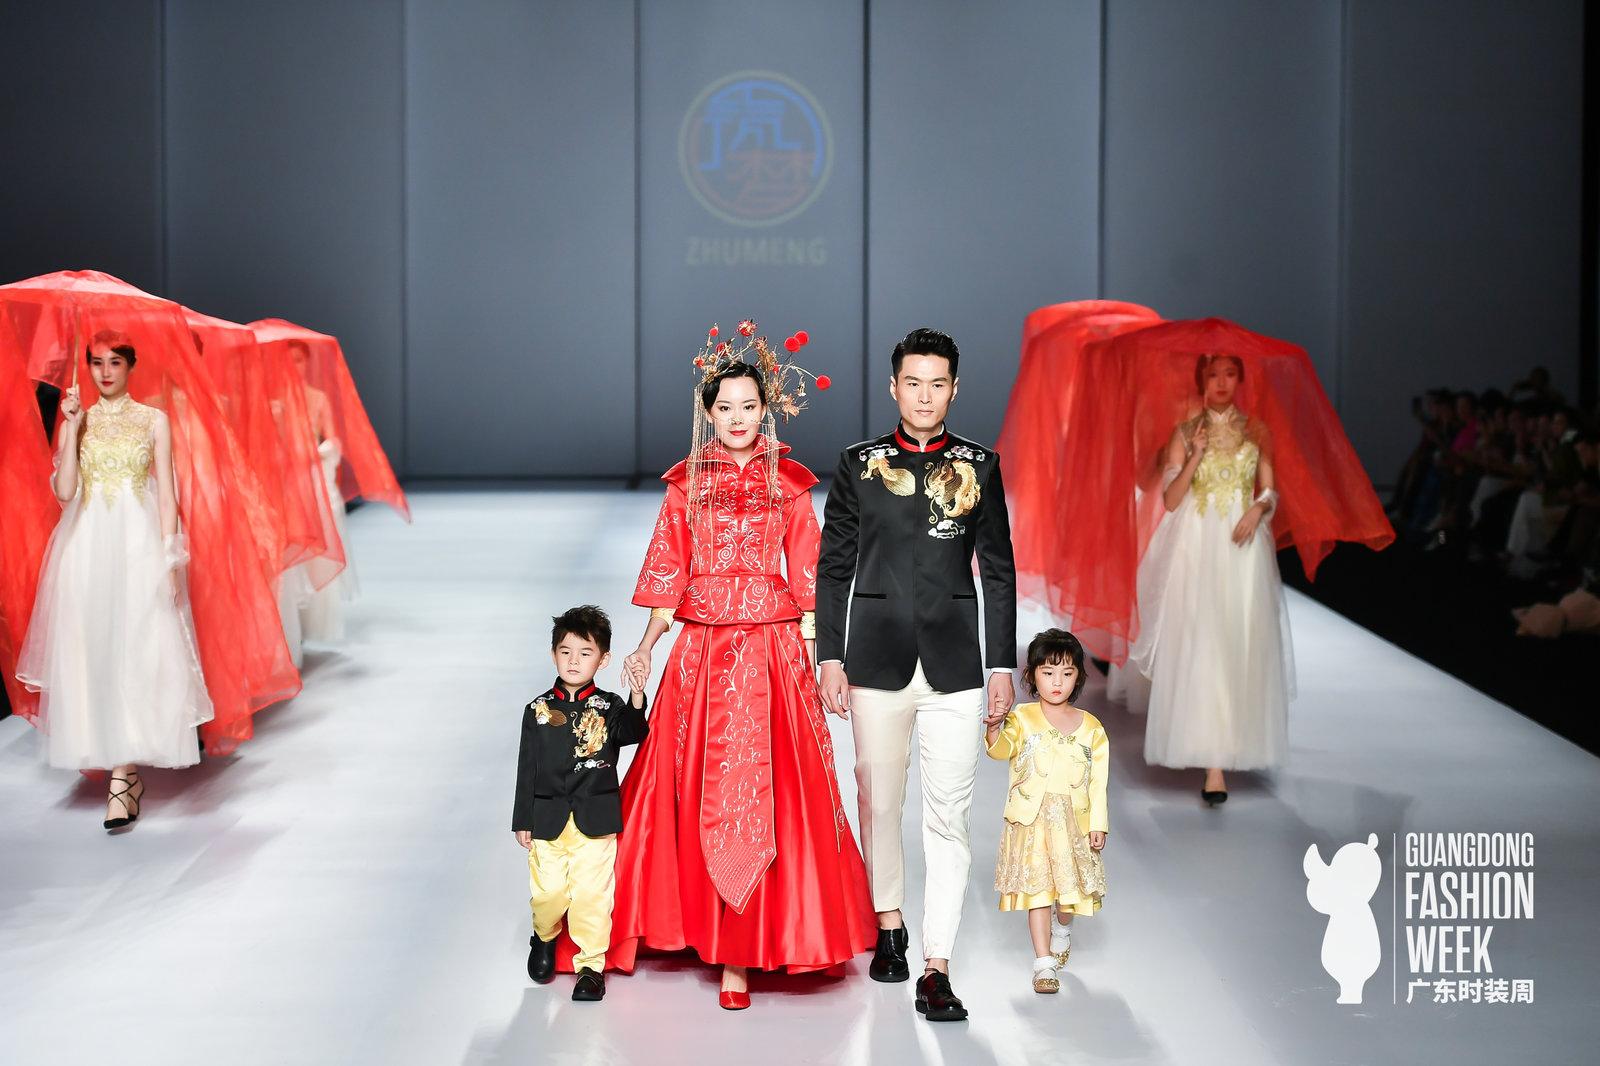 岭南文化·非遗广绣嫁衣发布会